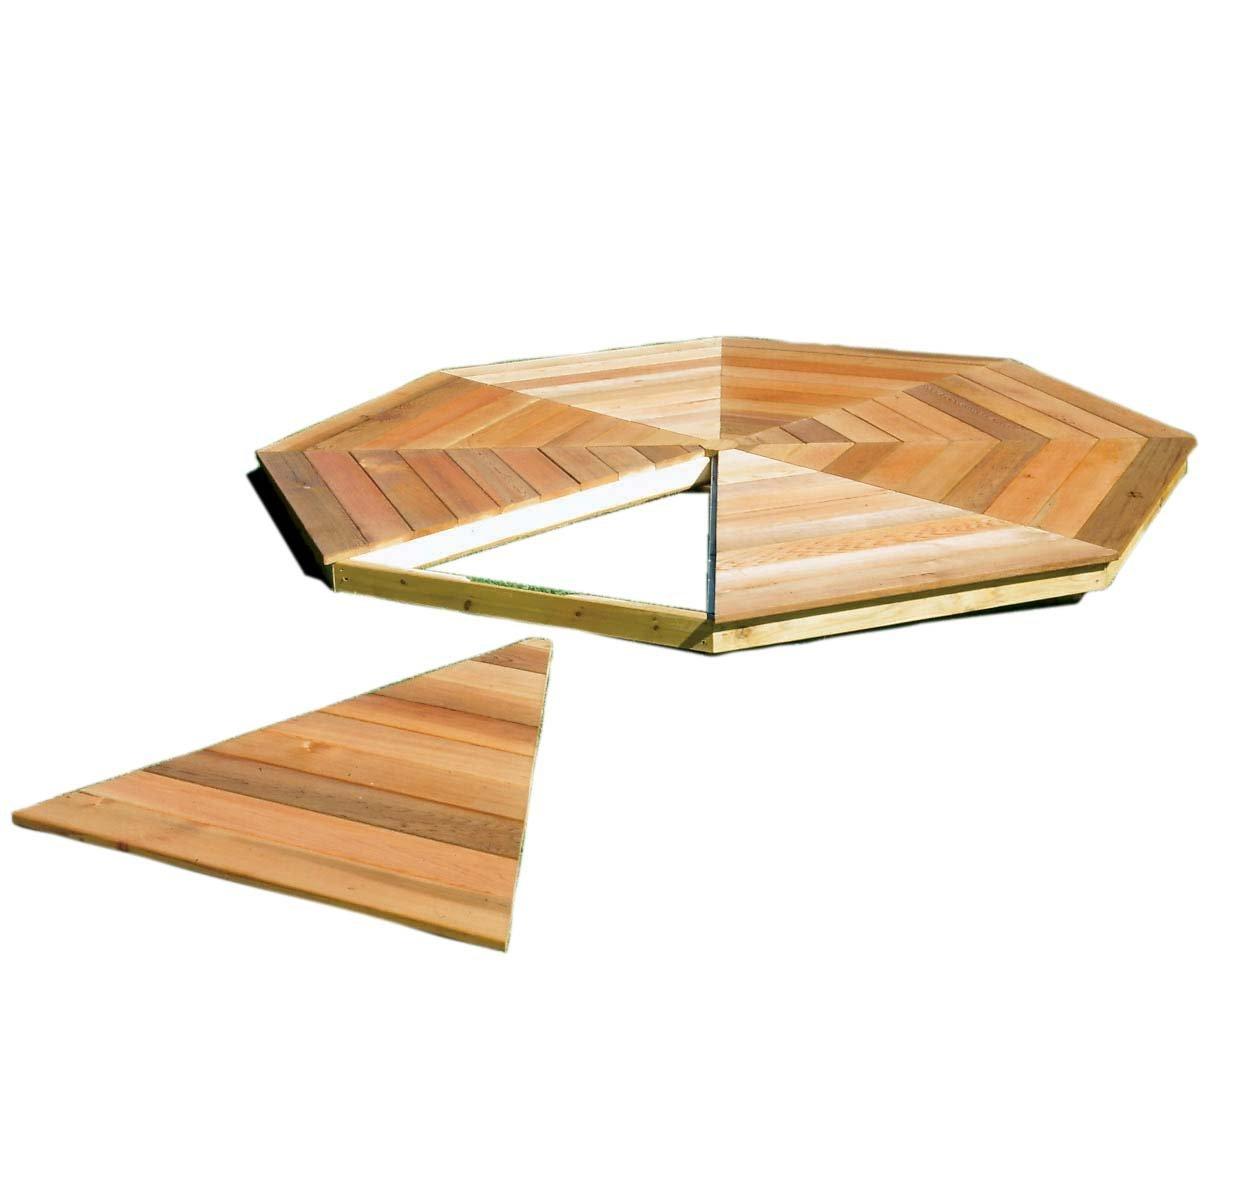 Monterey 10' x 14' Gazebo Flooring Kit